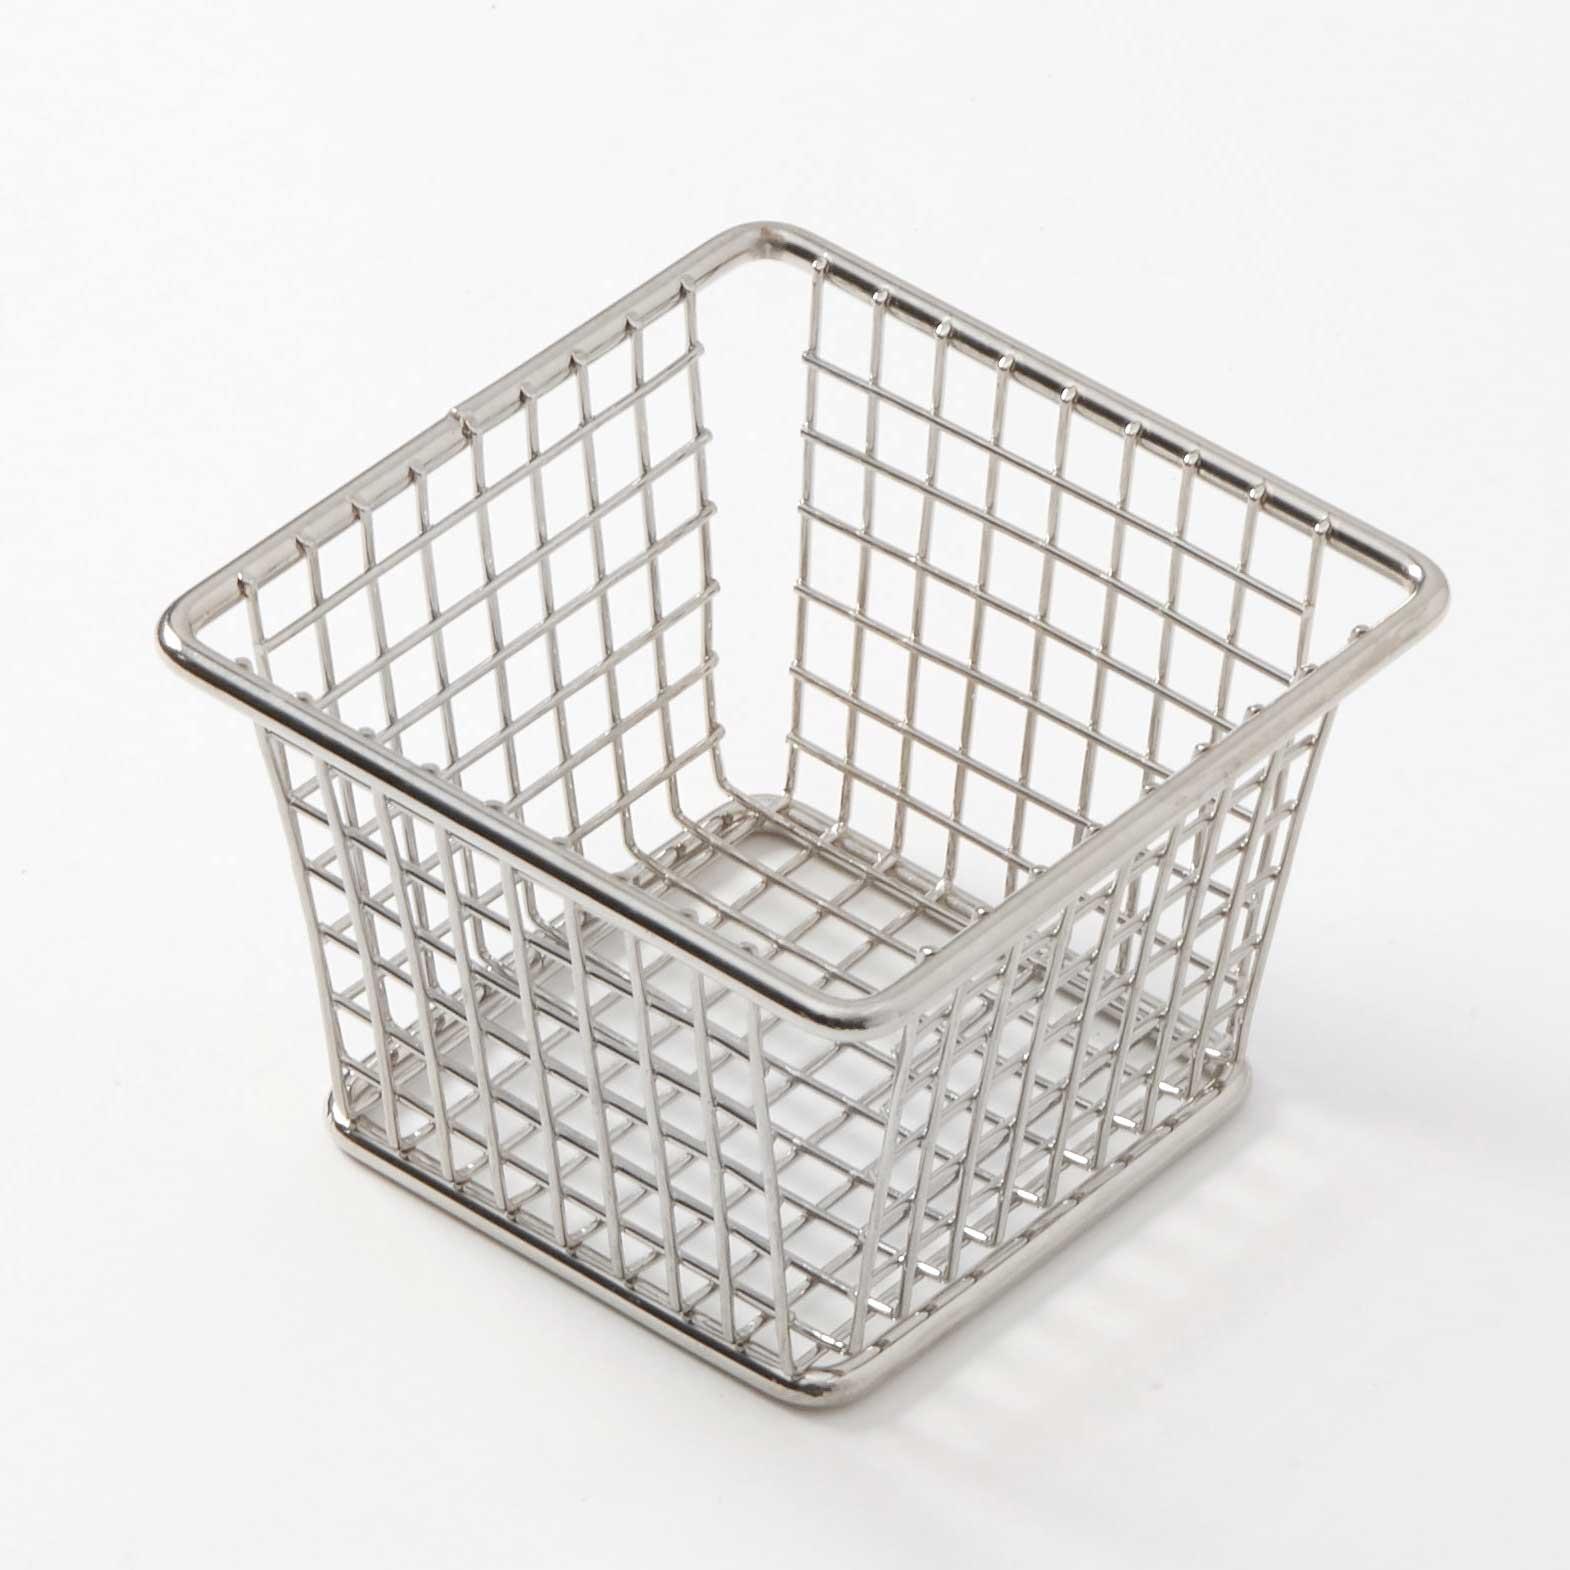 American Metalcraft FBSS44 basket, tabletop, metal